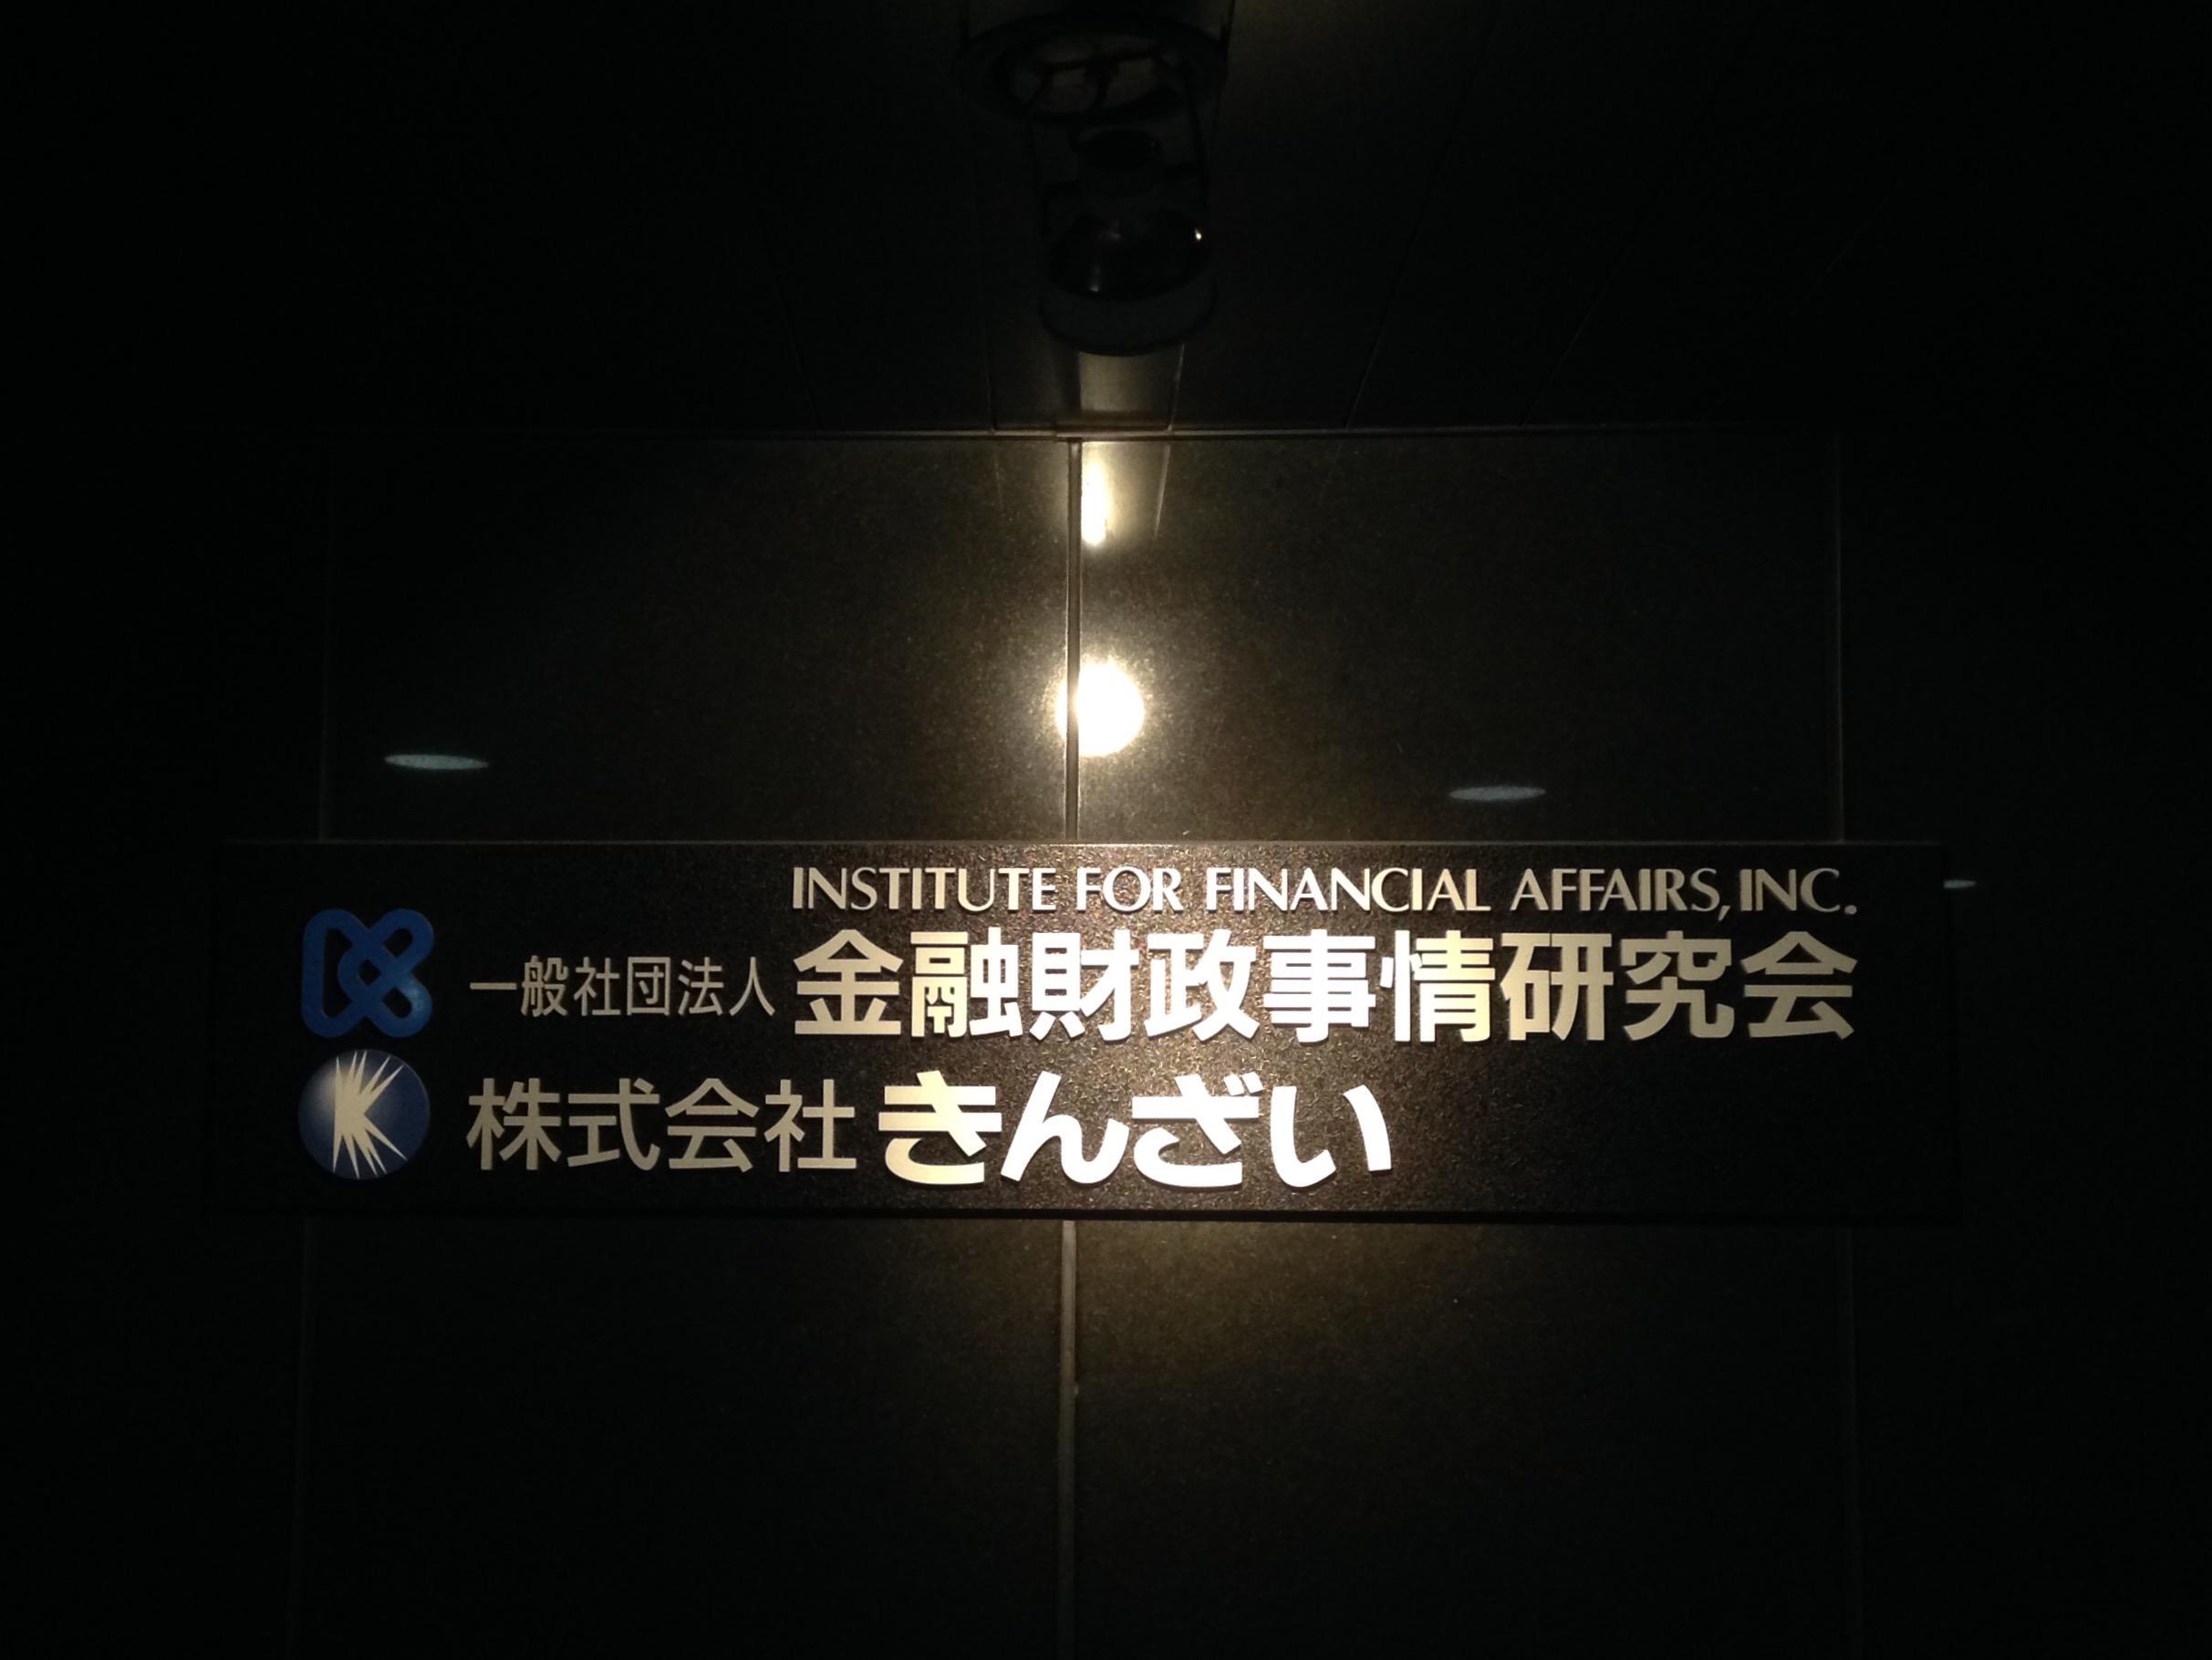 2月5日 金融経営塾_a0317236_8524490.jpg